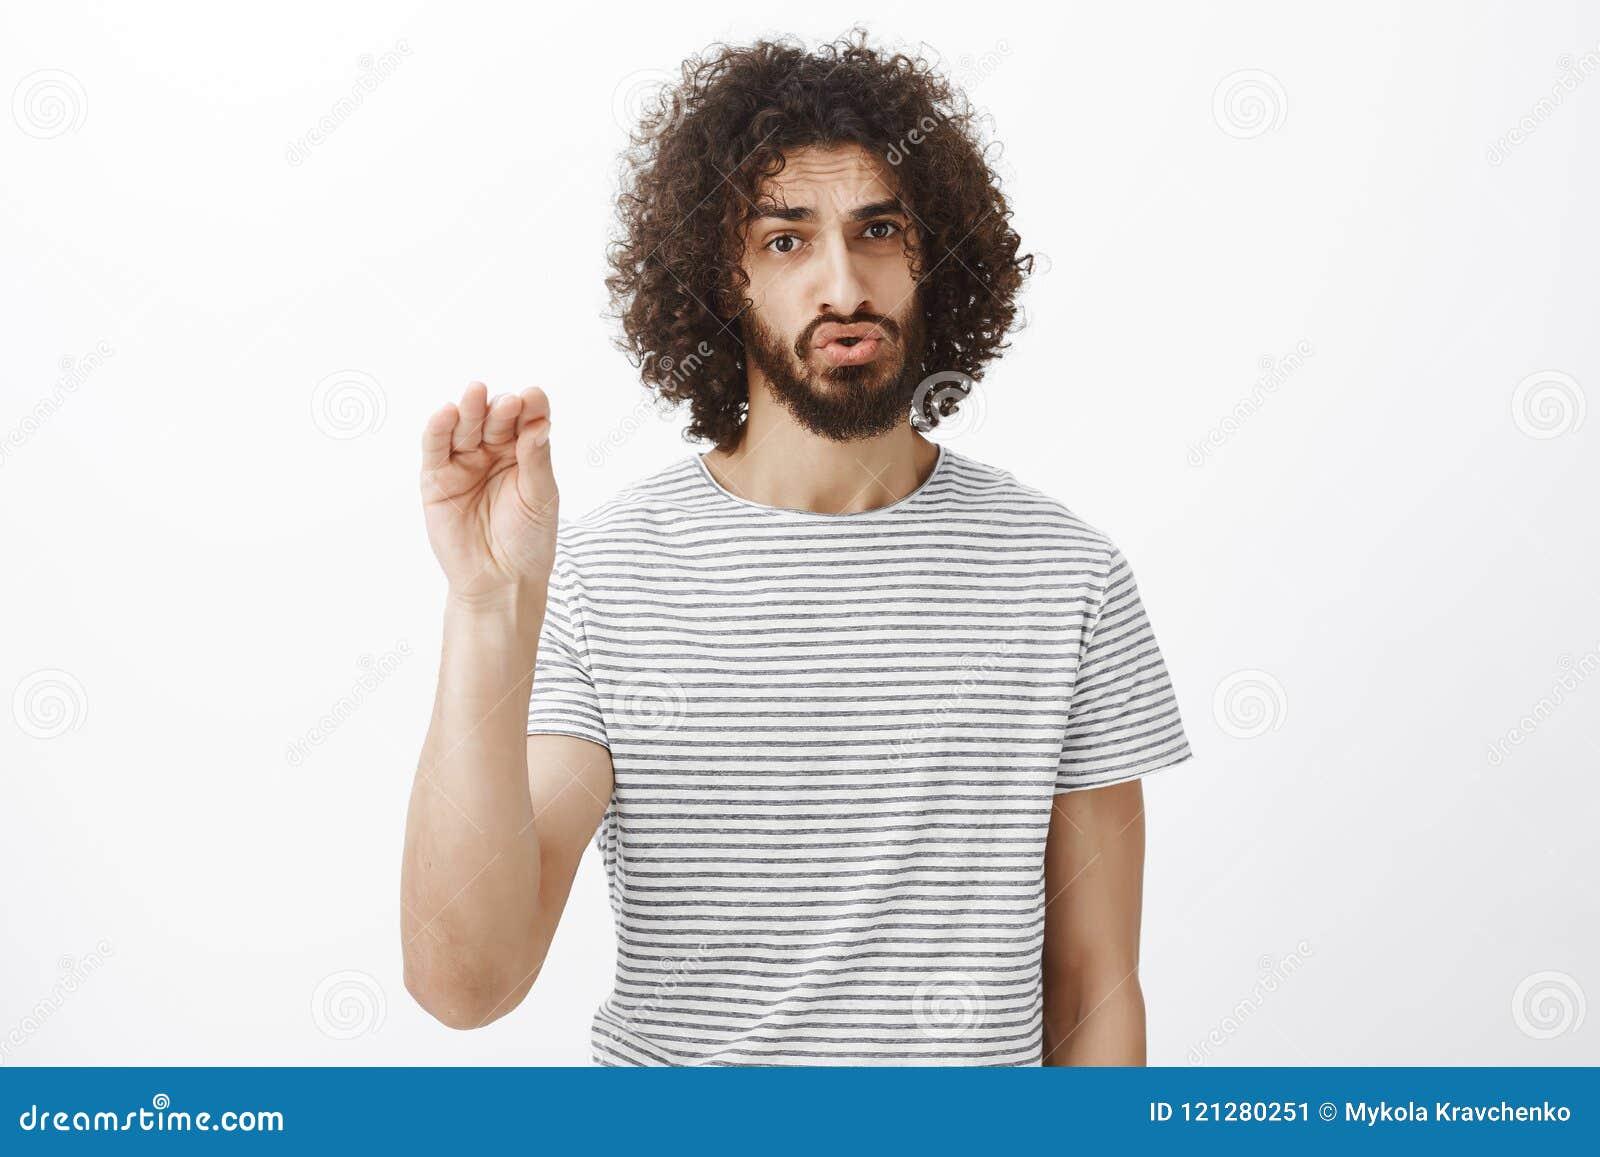 Te zwijgen gelieve Het portret van gehinderd en boos van knap mannelijk model met krullende haar en baard, het tonen houdt stil